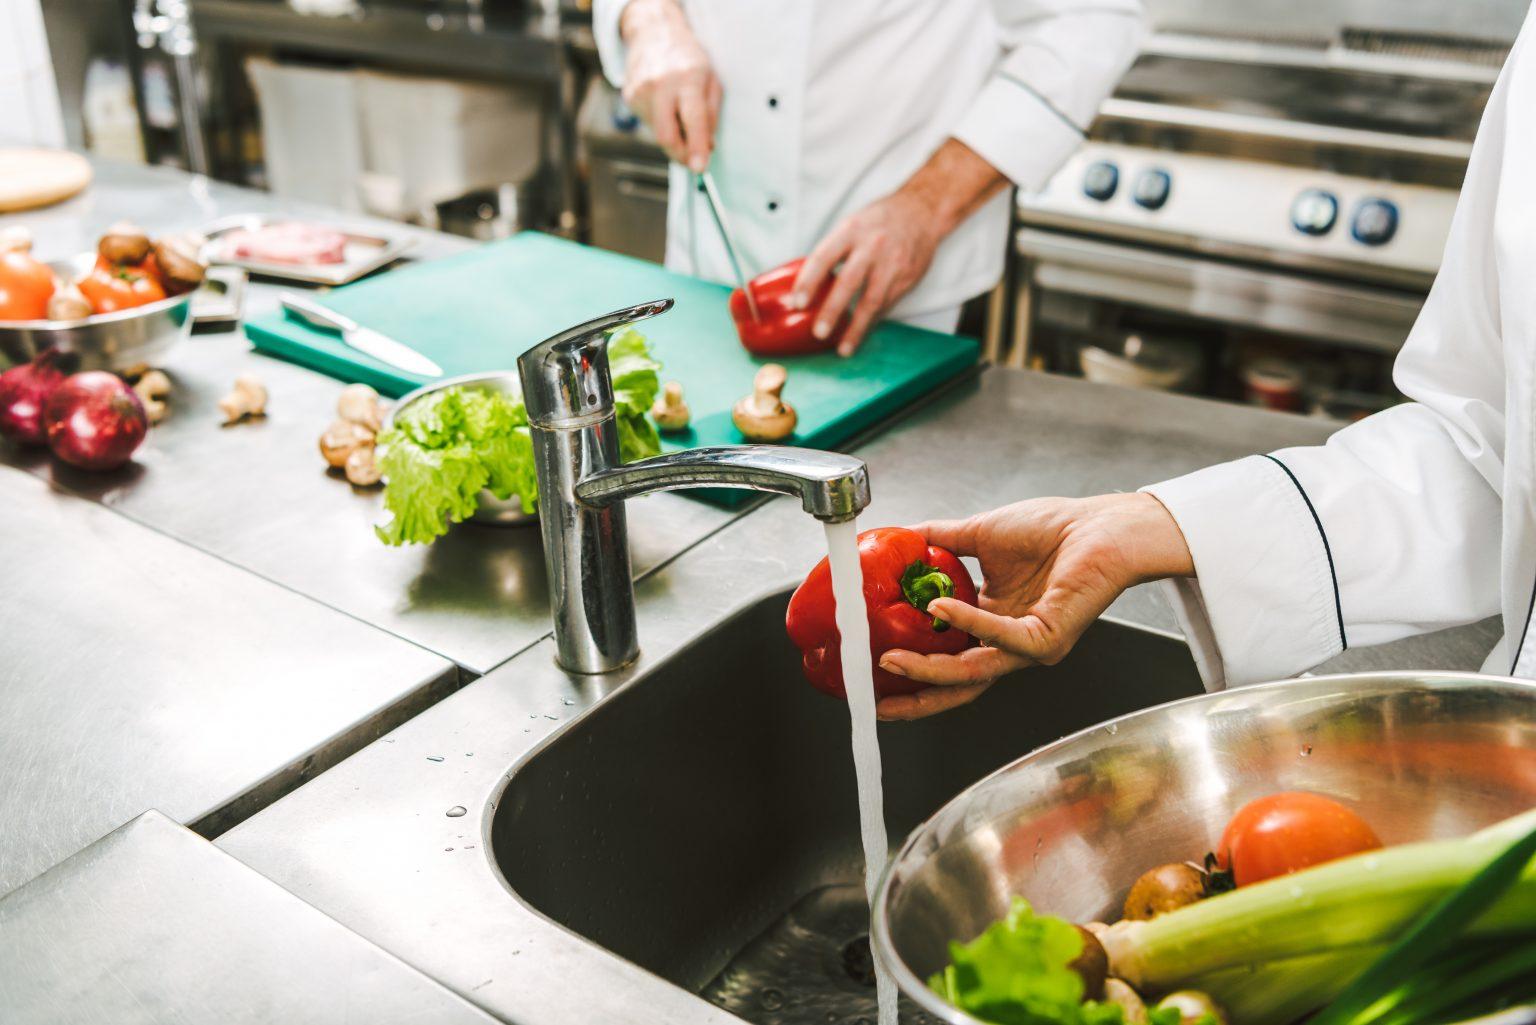 Hãy tách biệt bồn rửa tay vệ sinh và bồn rửa thực phẩm để đảm bảo an toàn thực phẩm cho nhà hàng